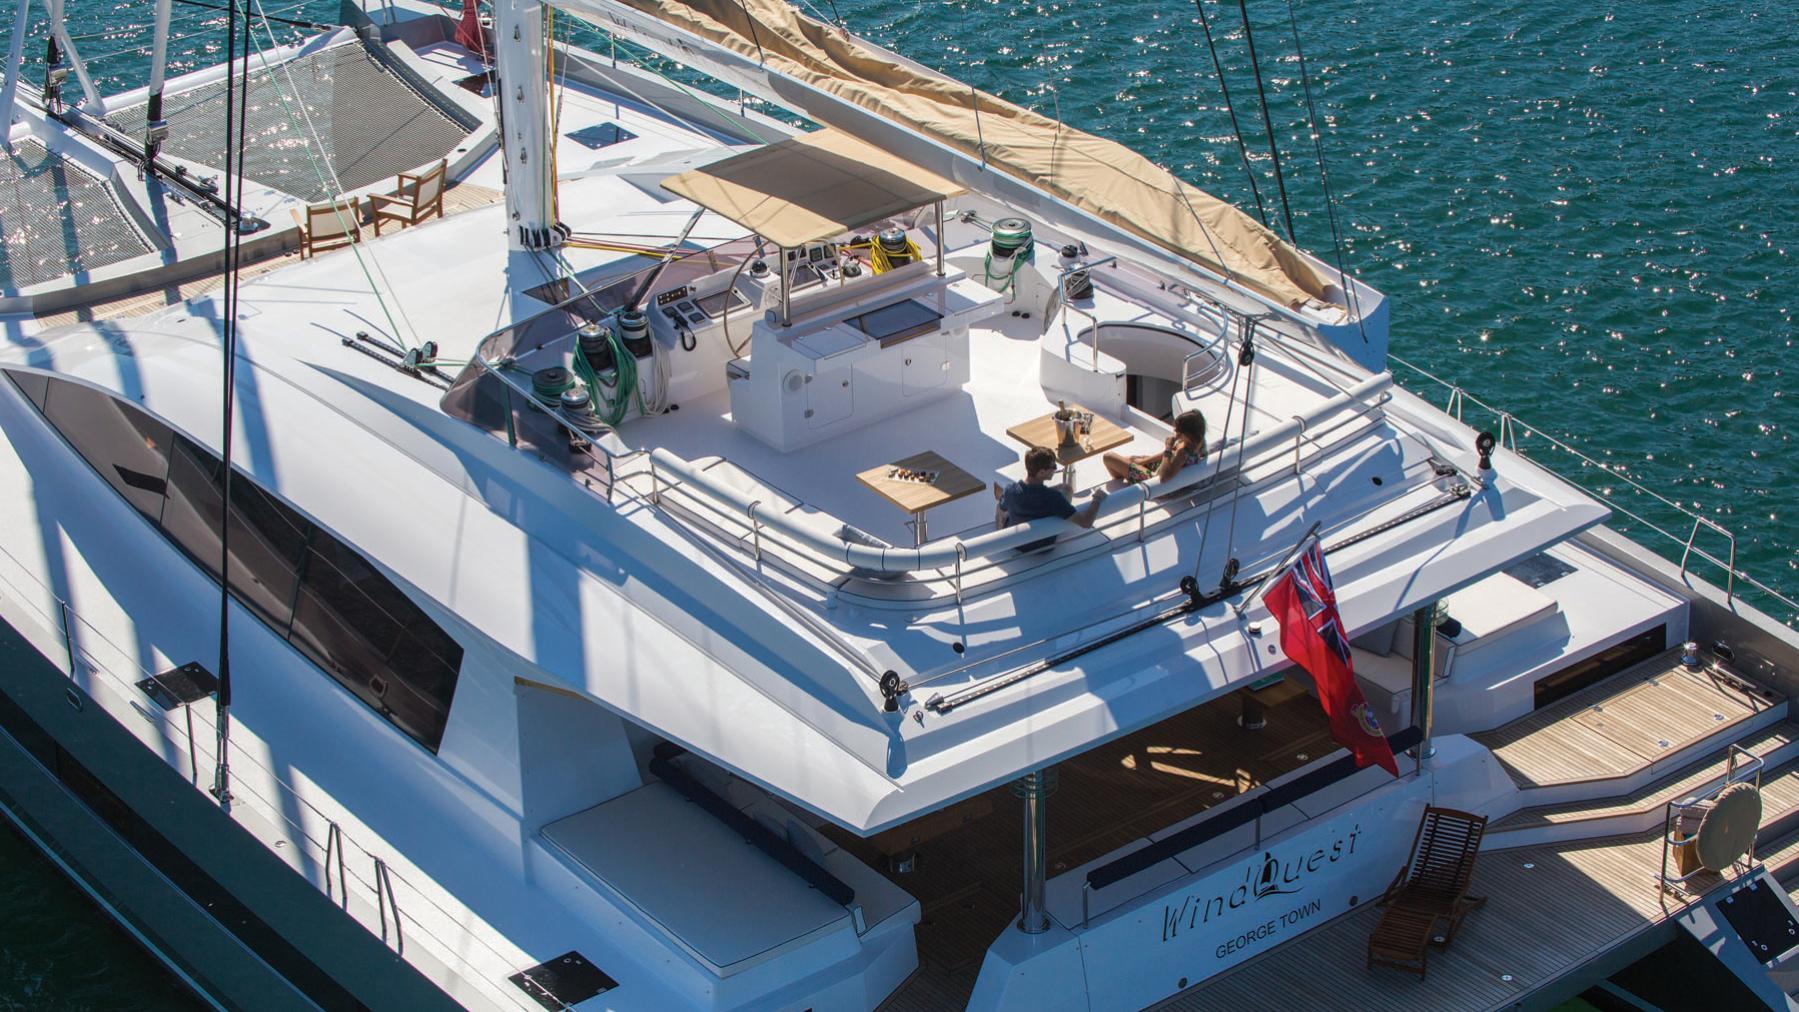 Windquest-catamaran-yacht-jfa-2014-26m-upper-deck